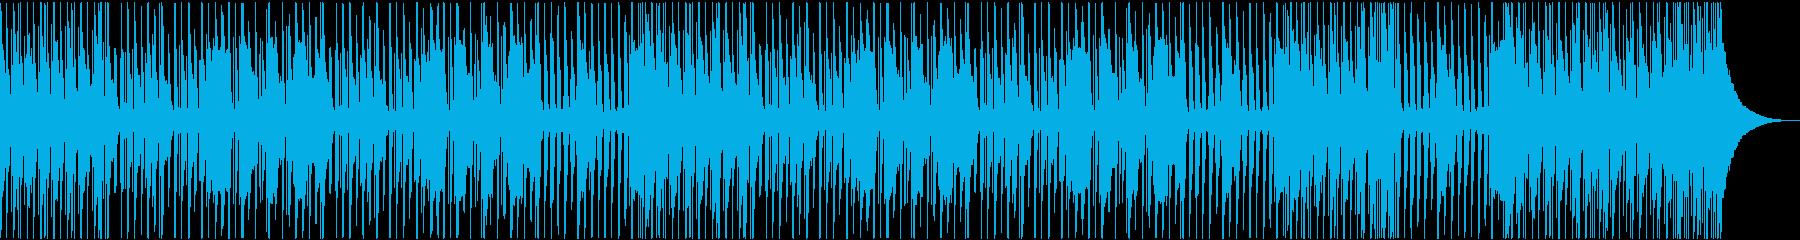 口笛吹きながらウキウキお散歩気分の再生済みの波形